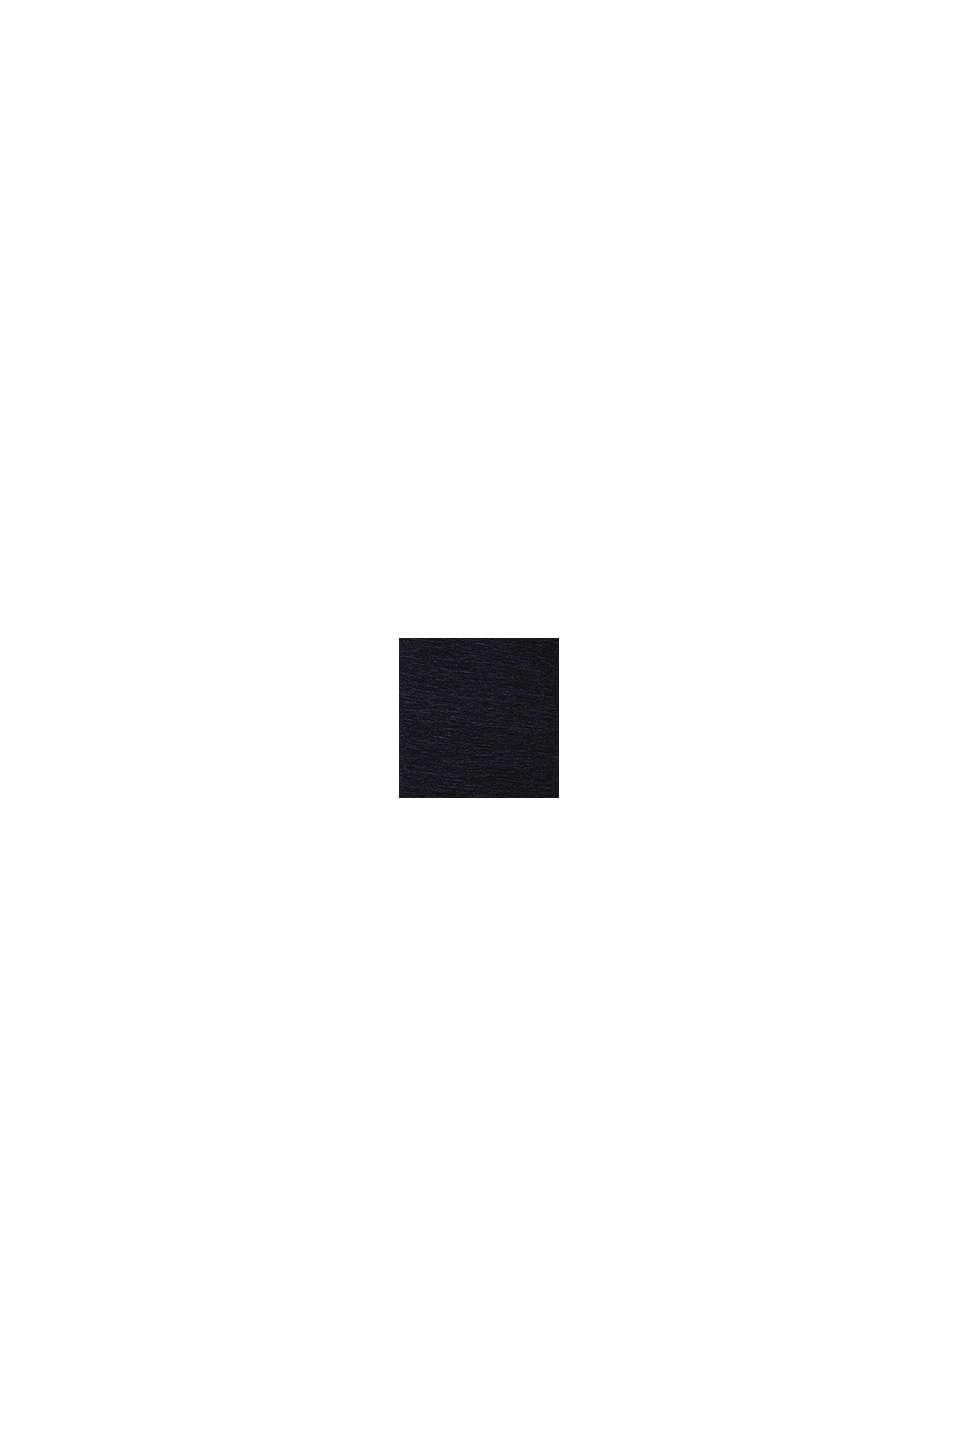 Gemêleerde jersey jurk met voedingsfunctie, BLACK, swatch